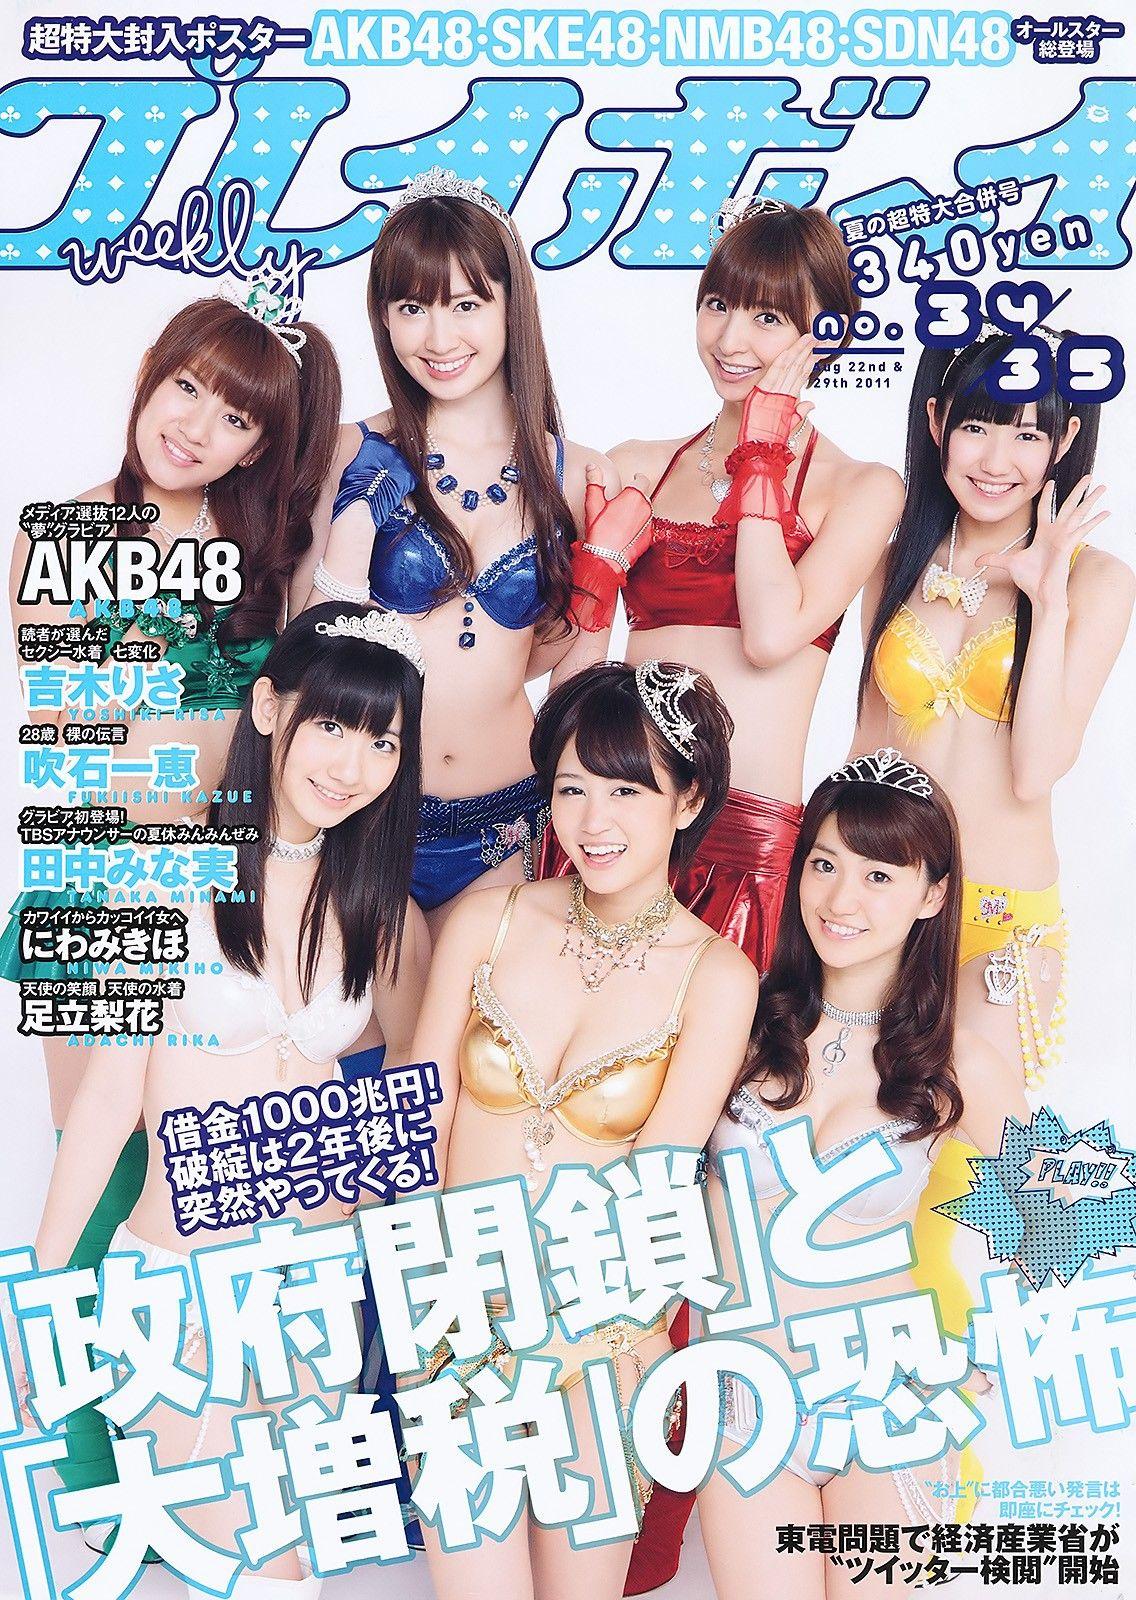 足立梨花 吉木りさ 小倉奈々  2011 No.34 35 AKB48 [wpb][36P] WPB套图 第1张